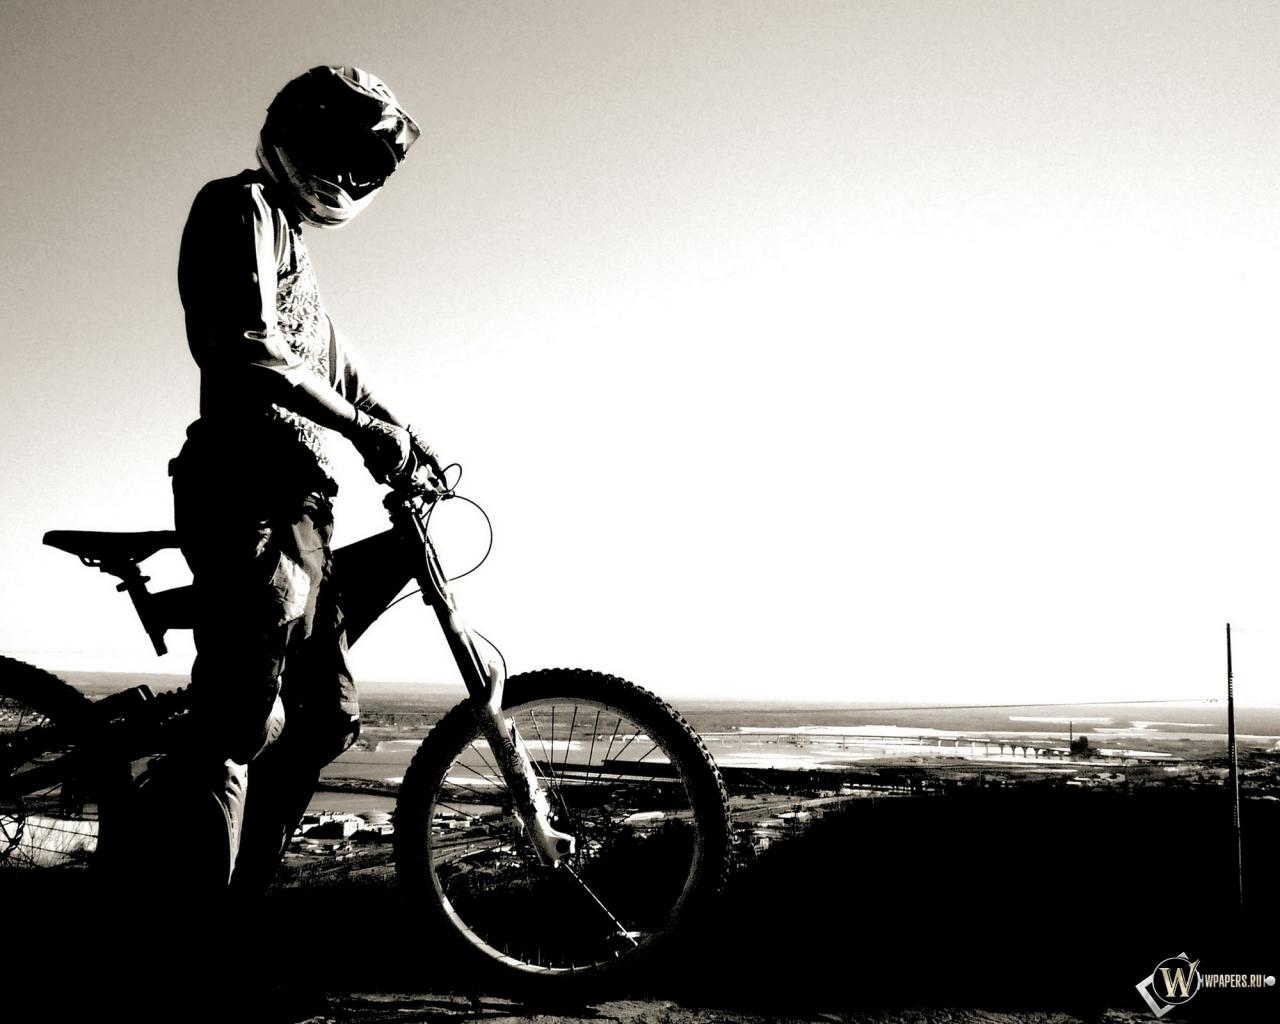 Велосипедист 1280x1024